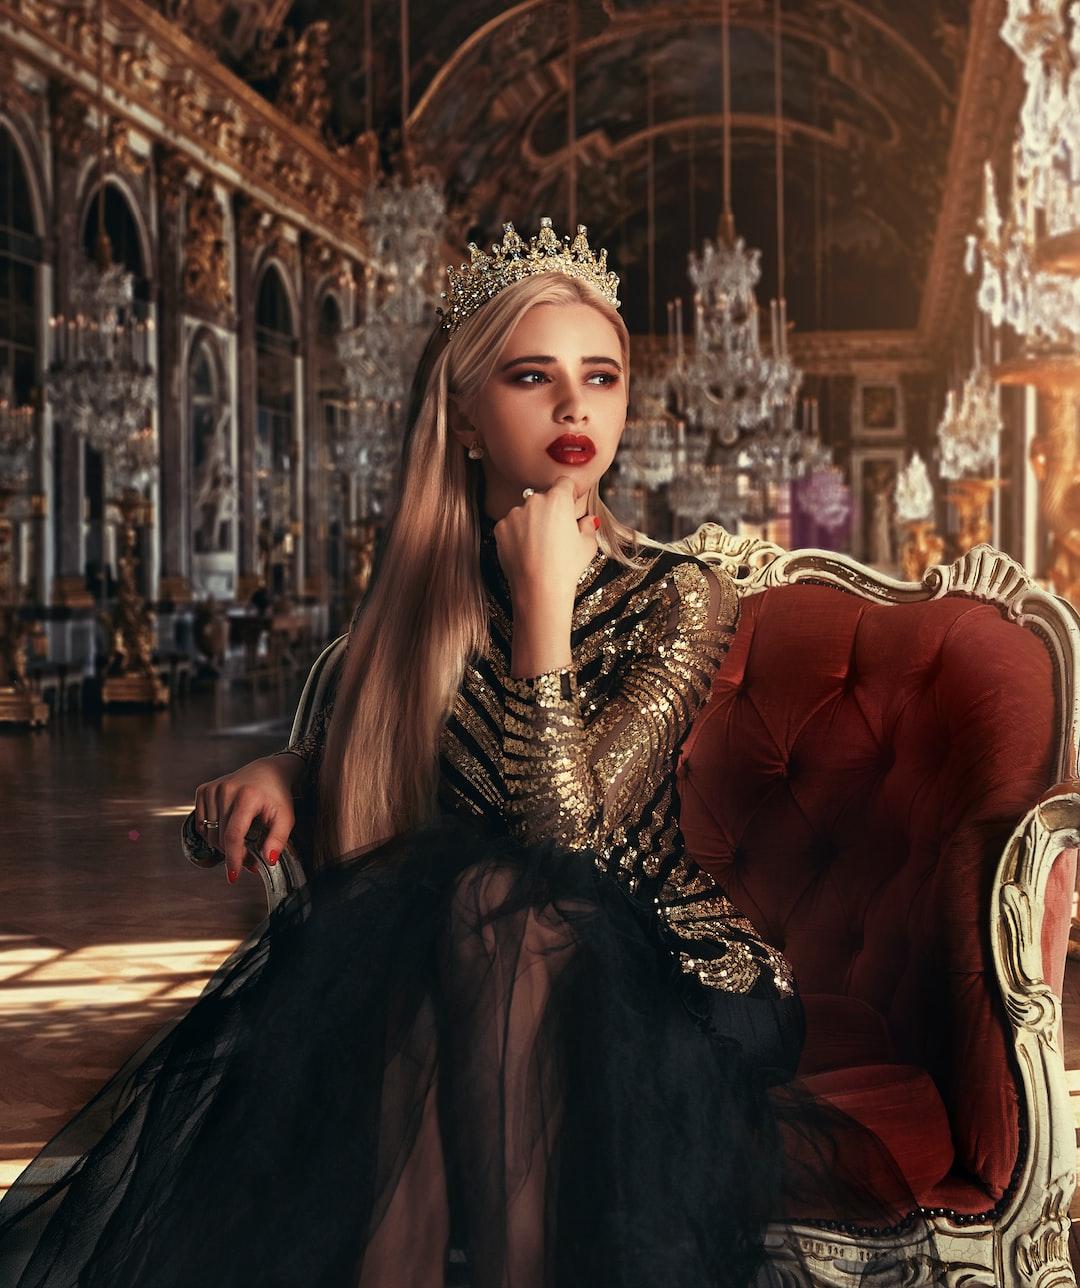 Amazing Queen by Alice Alinat